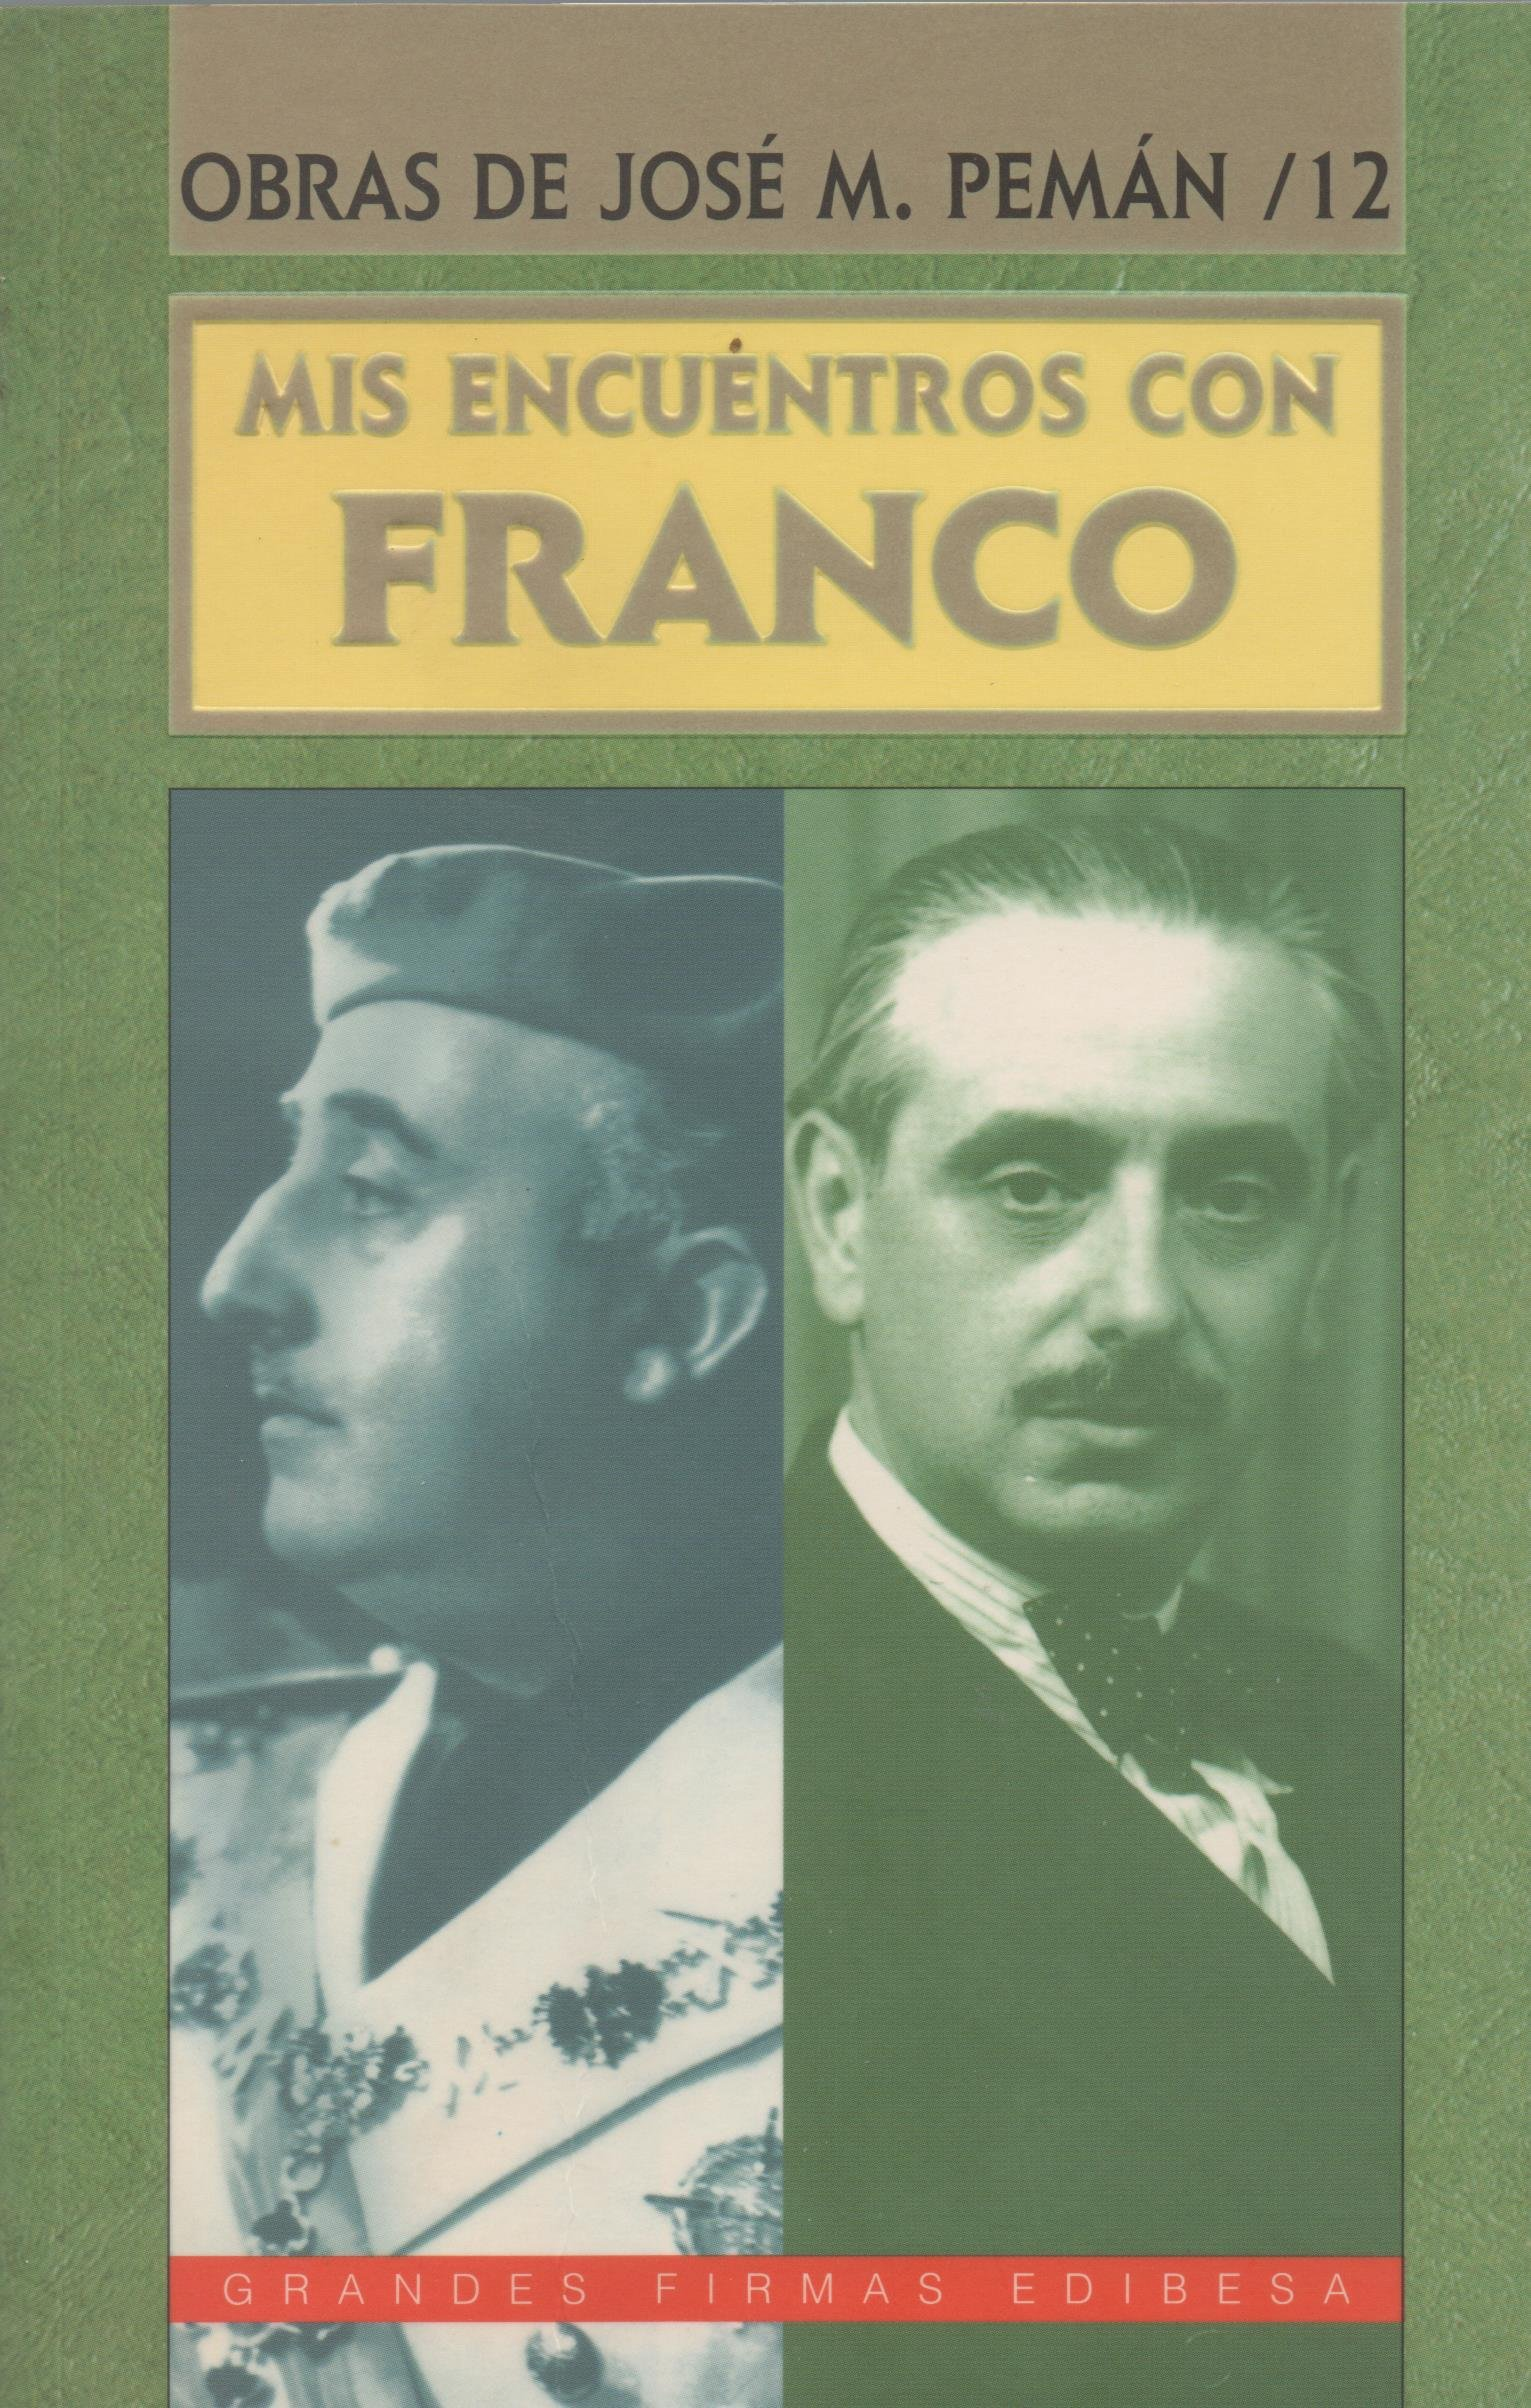 Mis encuentros con Franco: Amazon.es: PEMAN: Libros